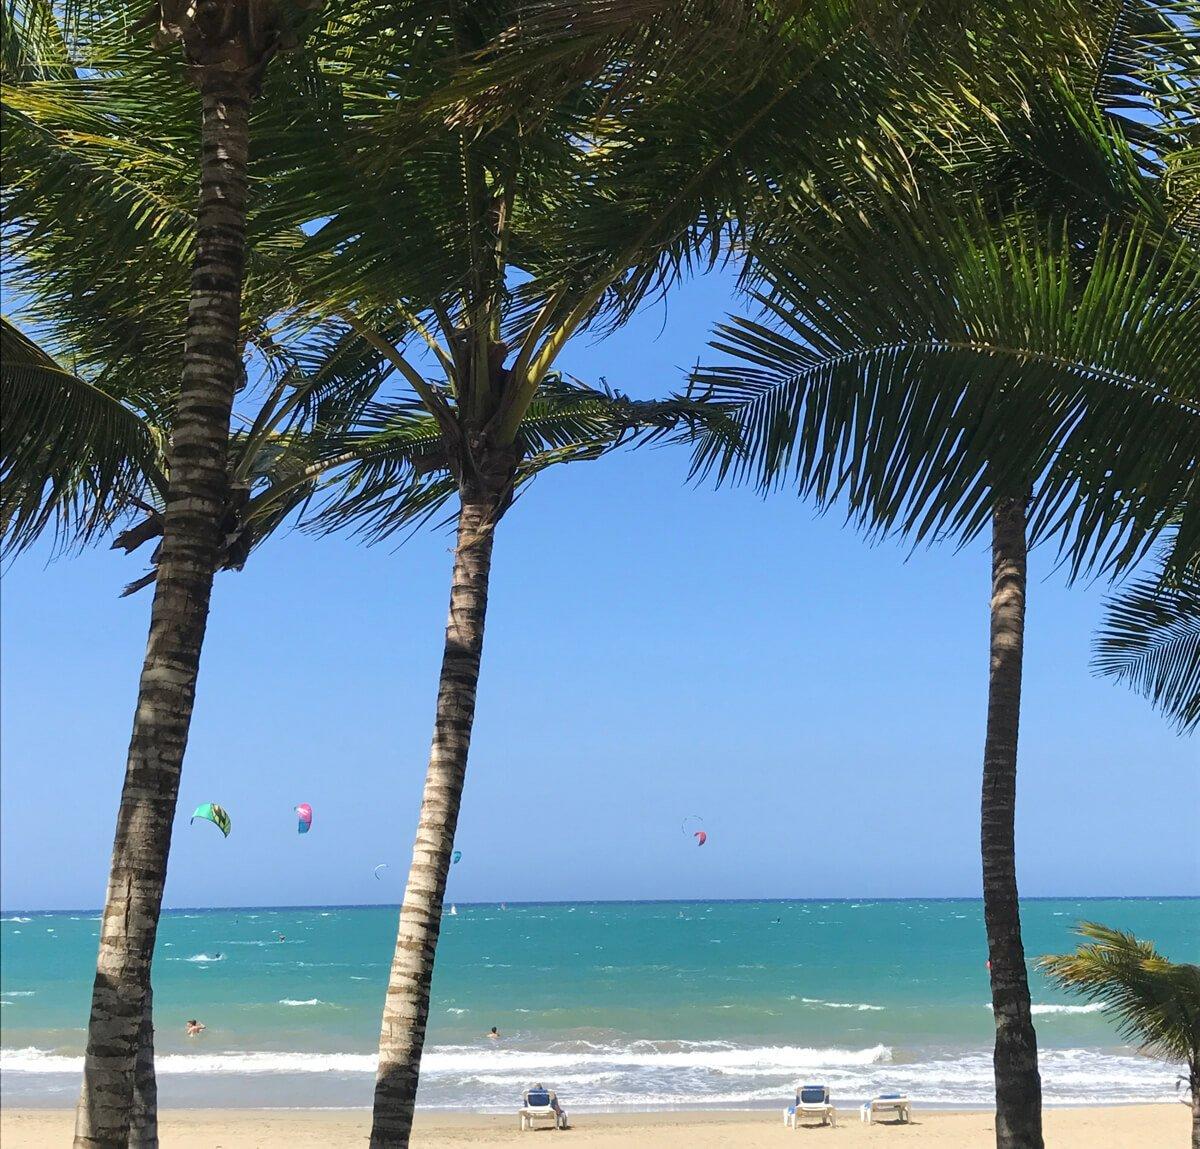 fernreise dominikanische republik die kleine botin 21 1